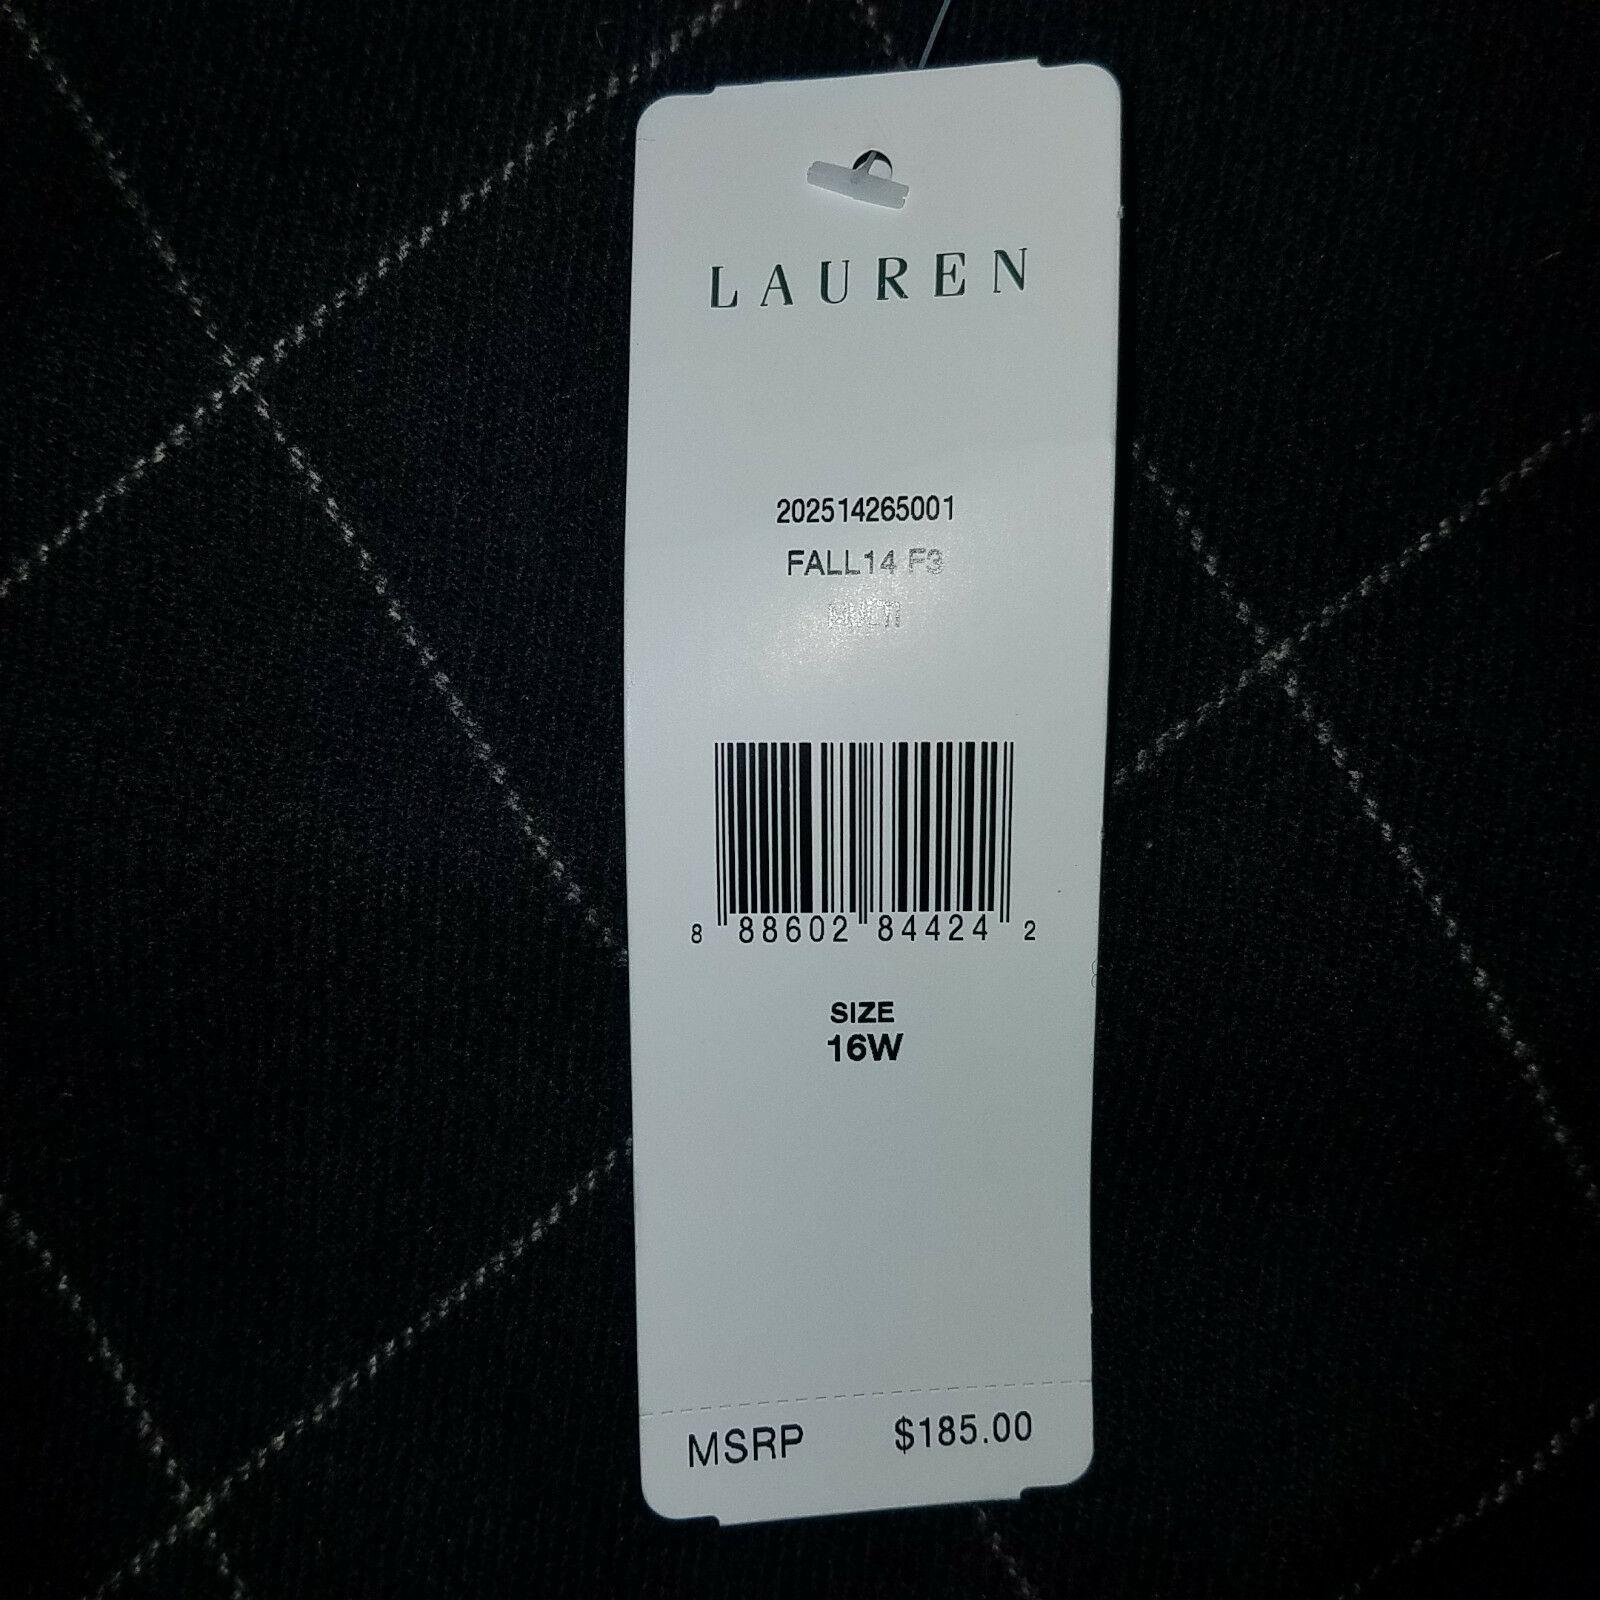 new RALPH LAUREN women sweater vest black 16W - MSRP $185 image 5